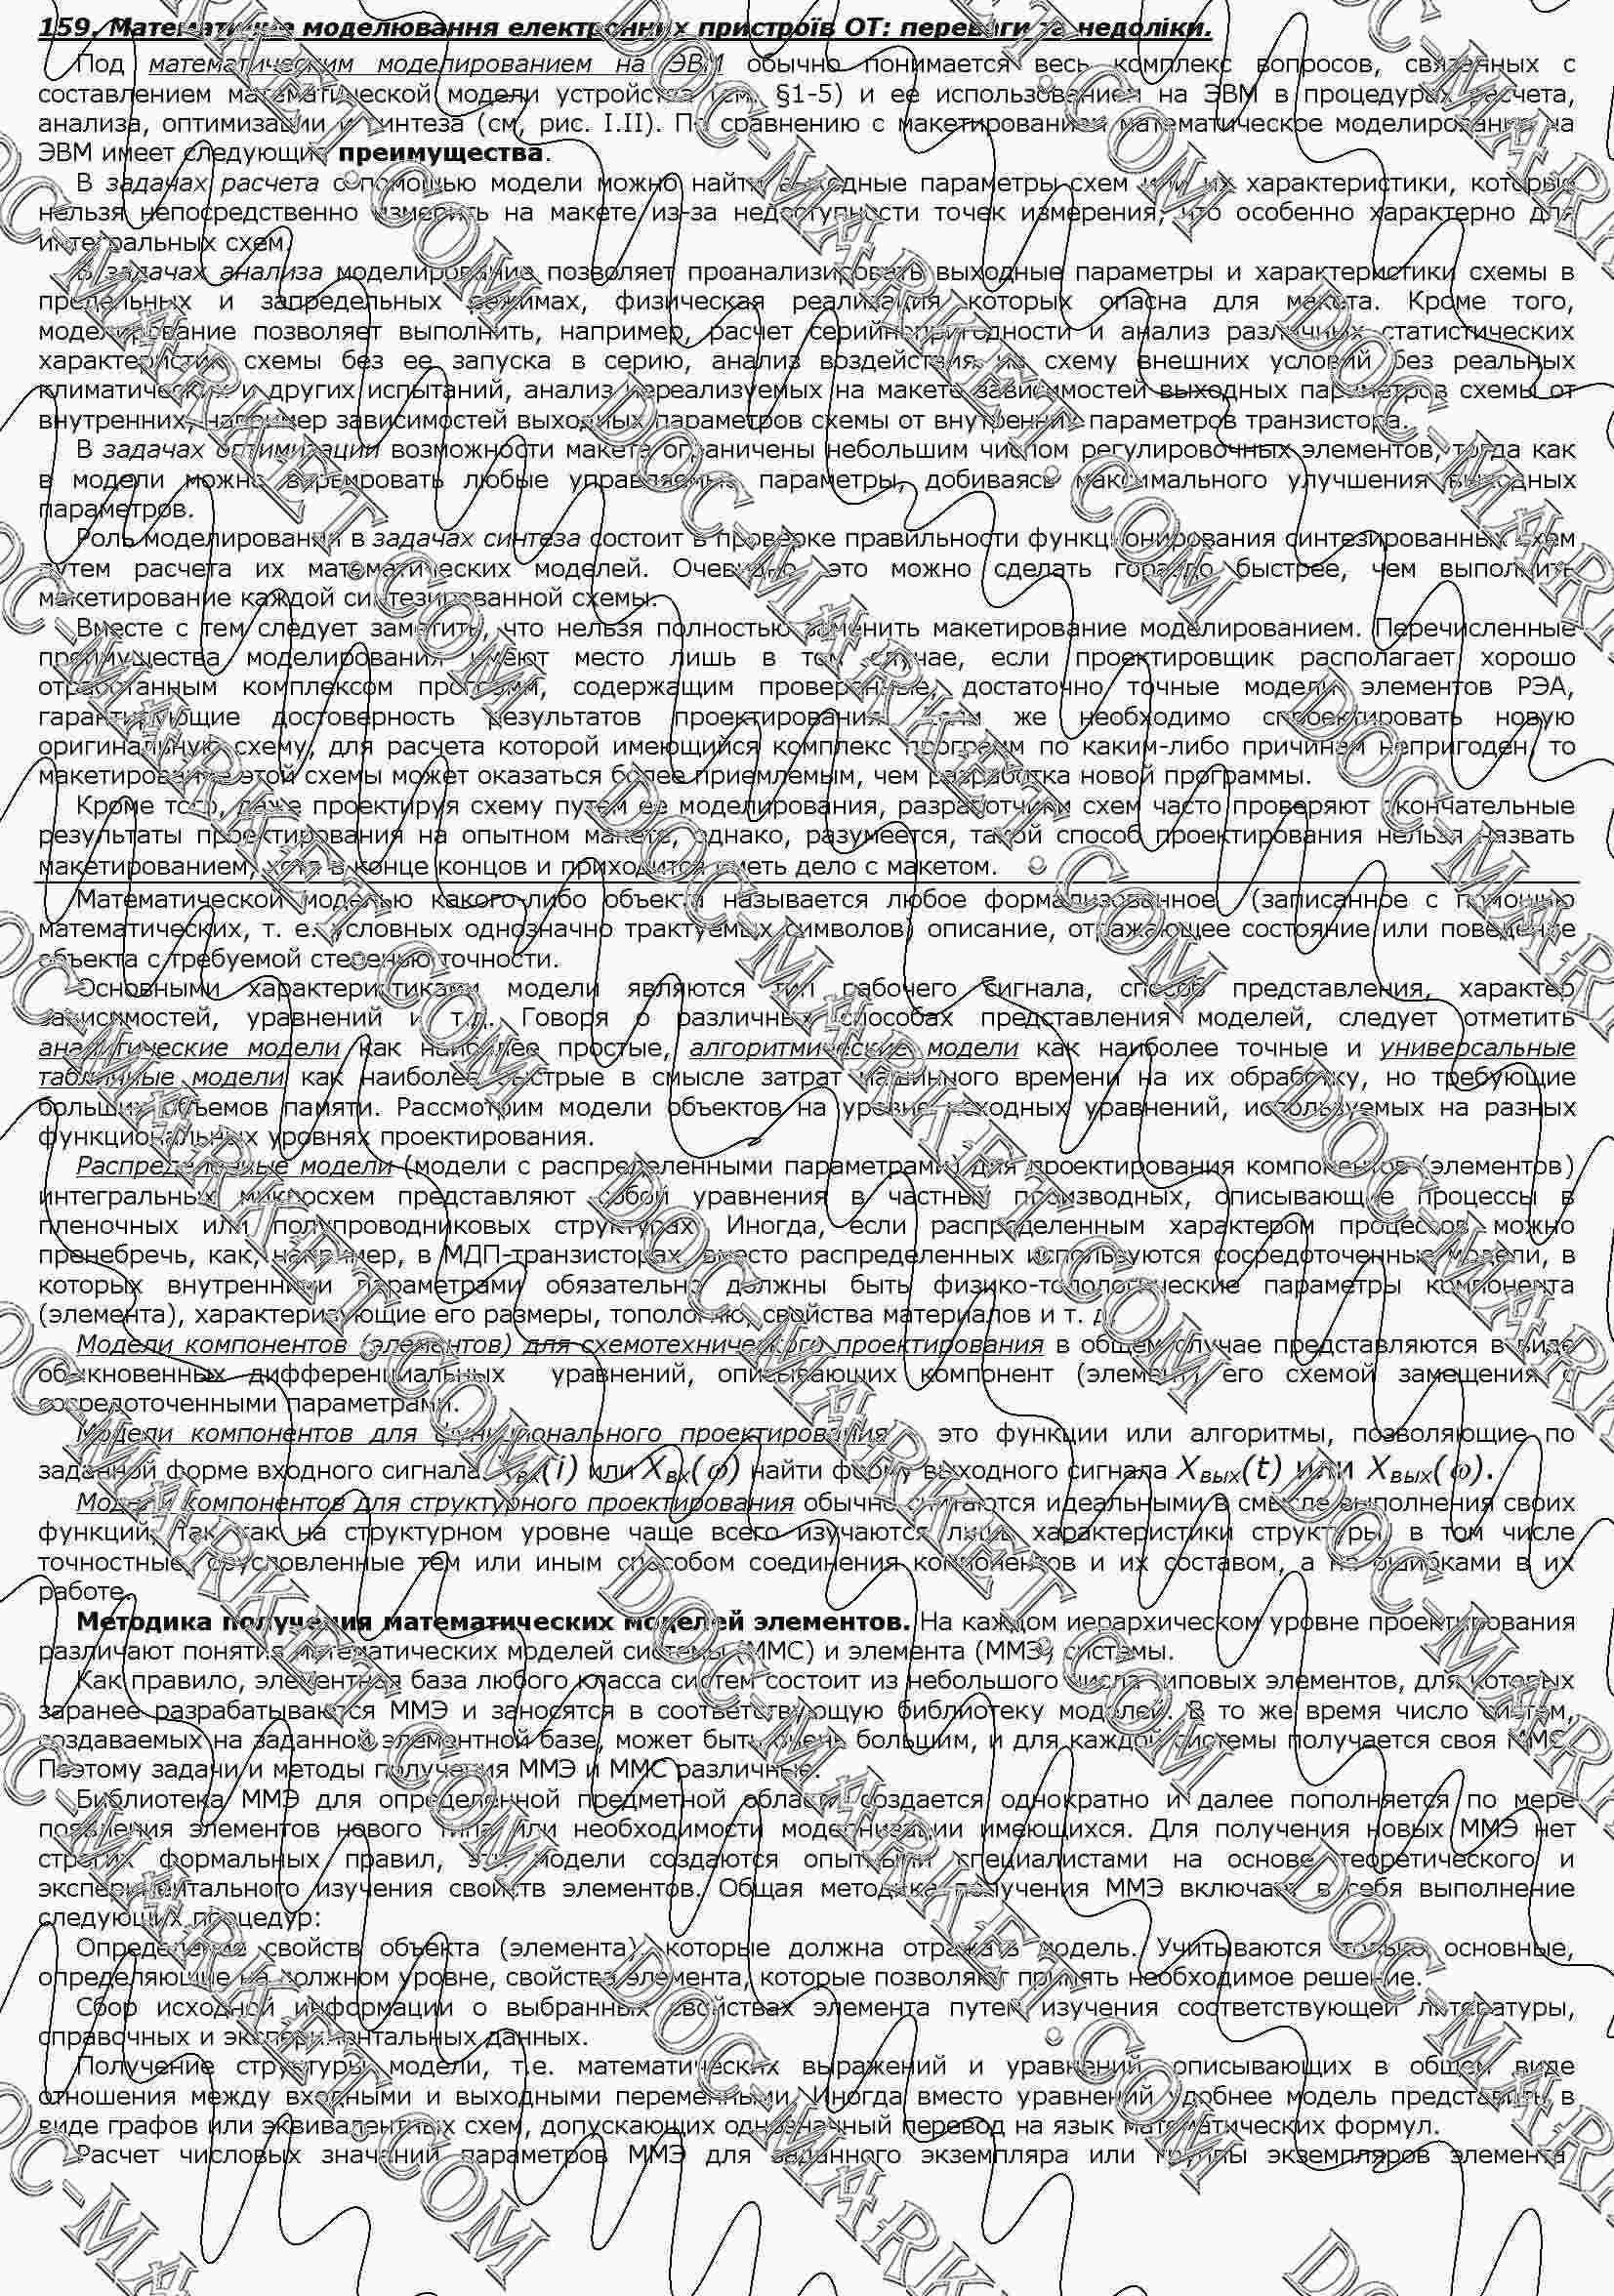 ответы на вопросы для экзамена по философии